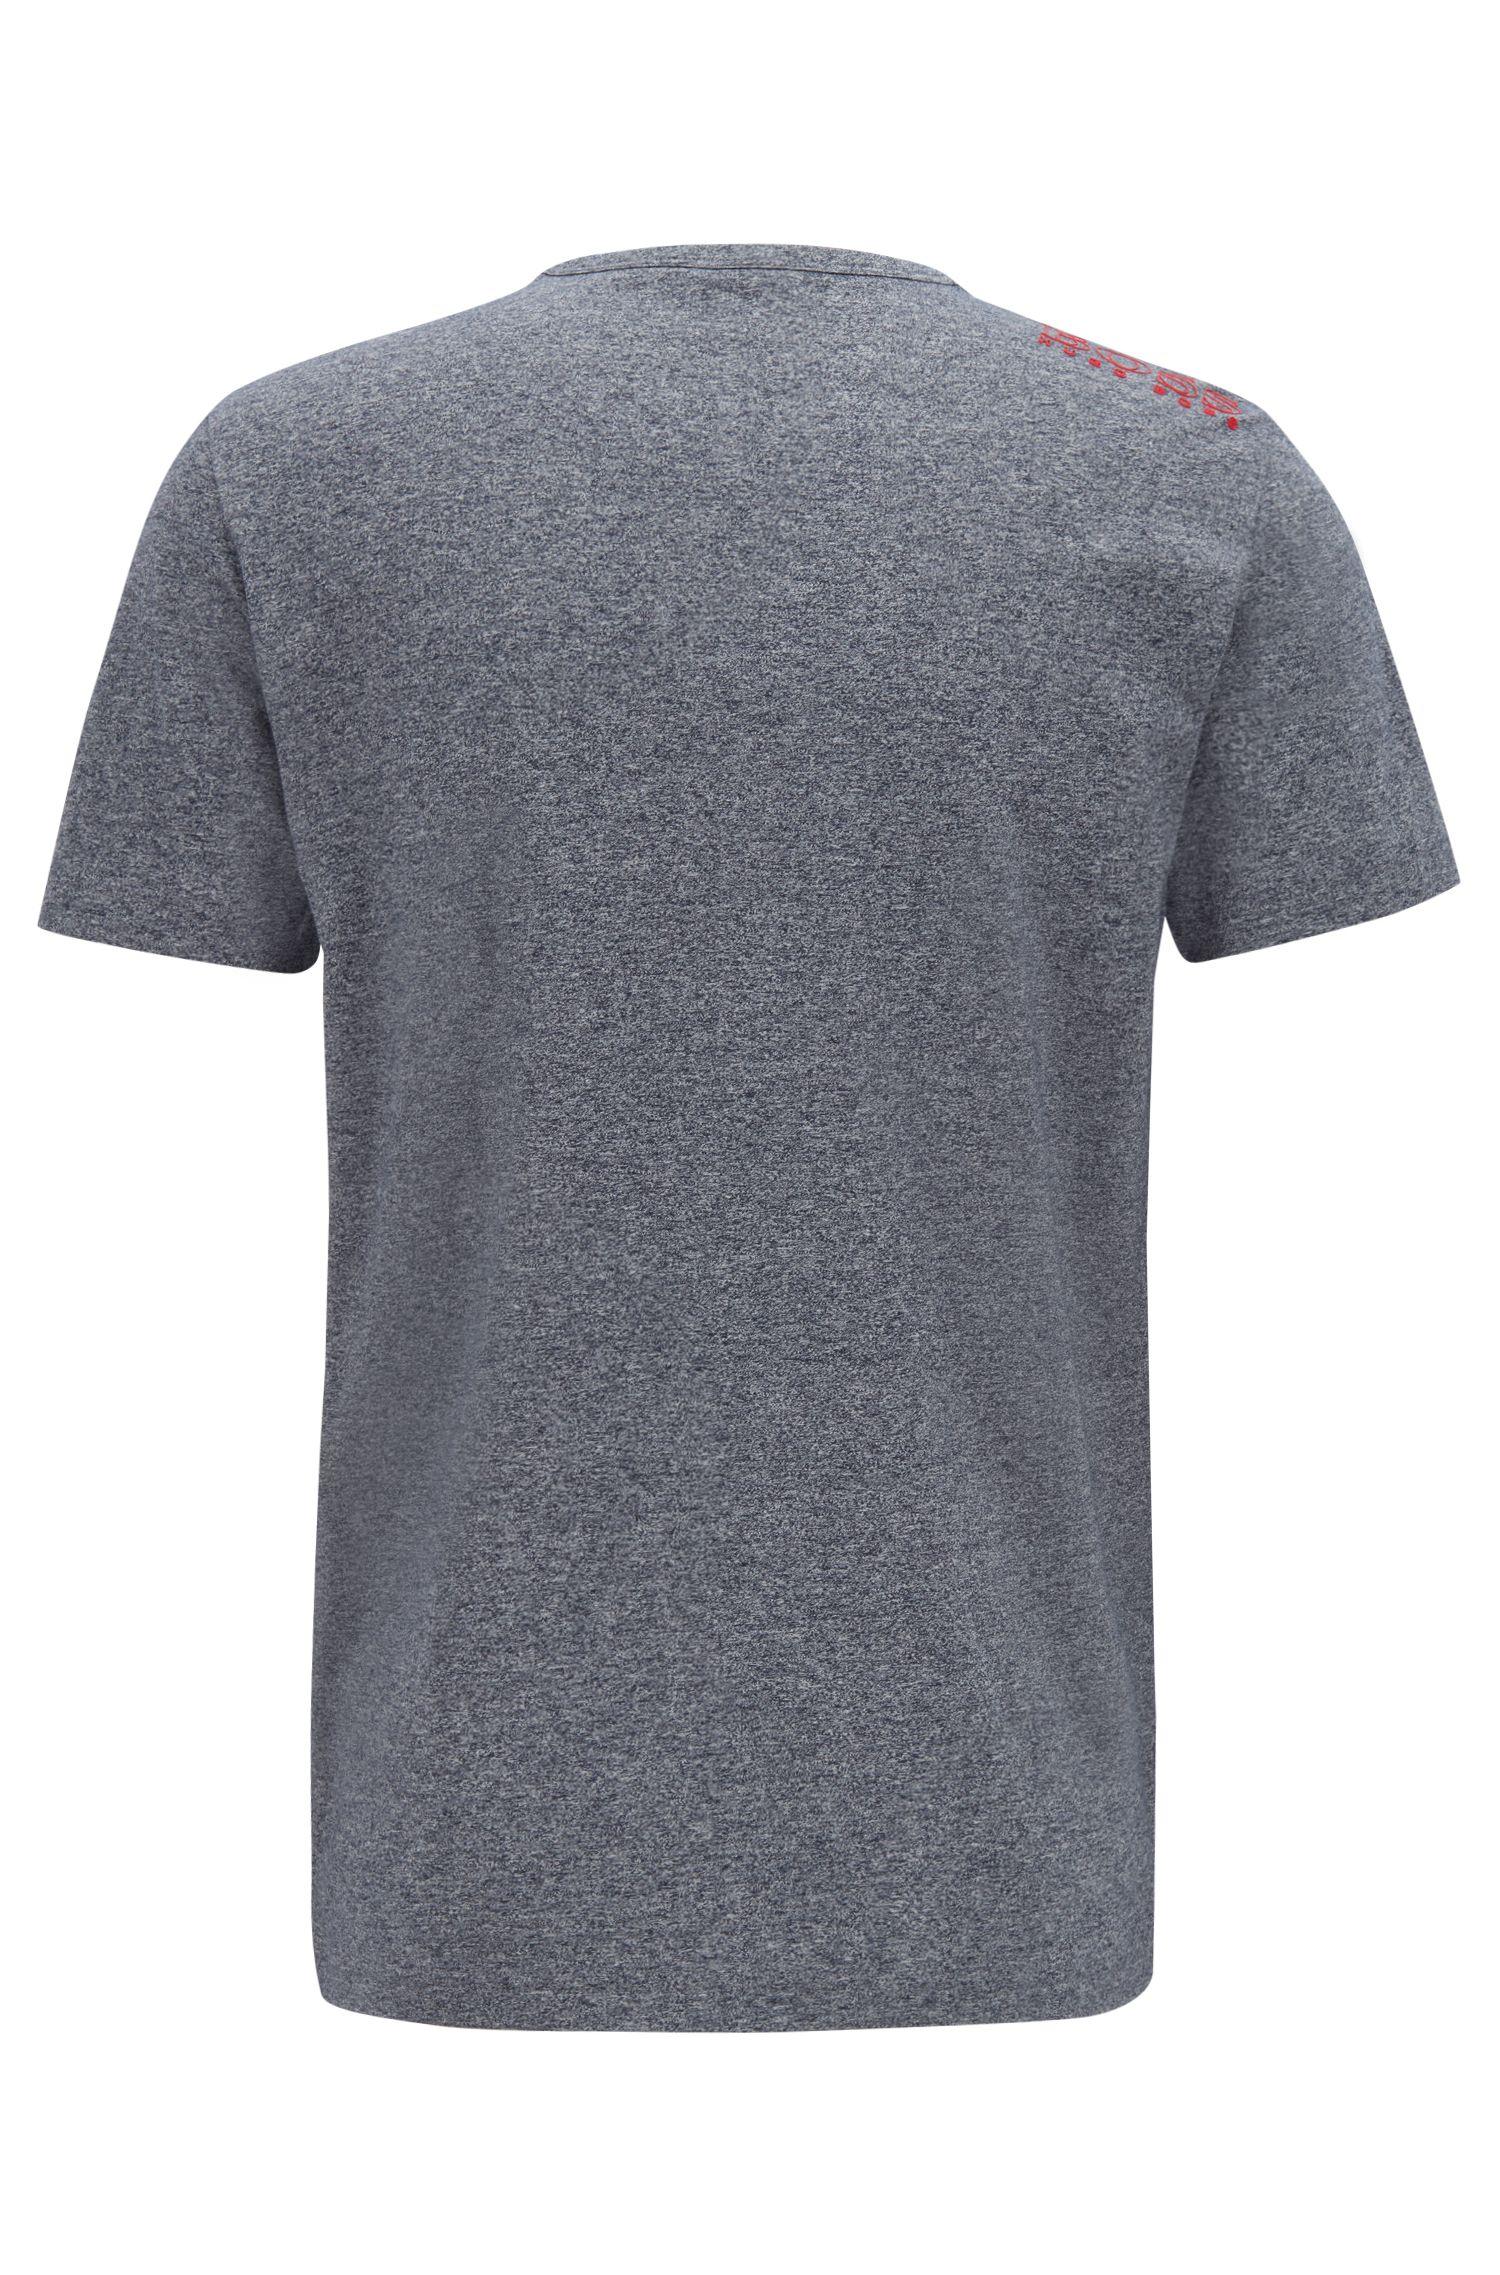 T-Shirt aus Jersey mit Rundhalsausschnitt und Gummi-Print auf der Schulter, Blau